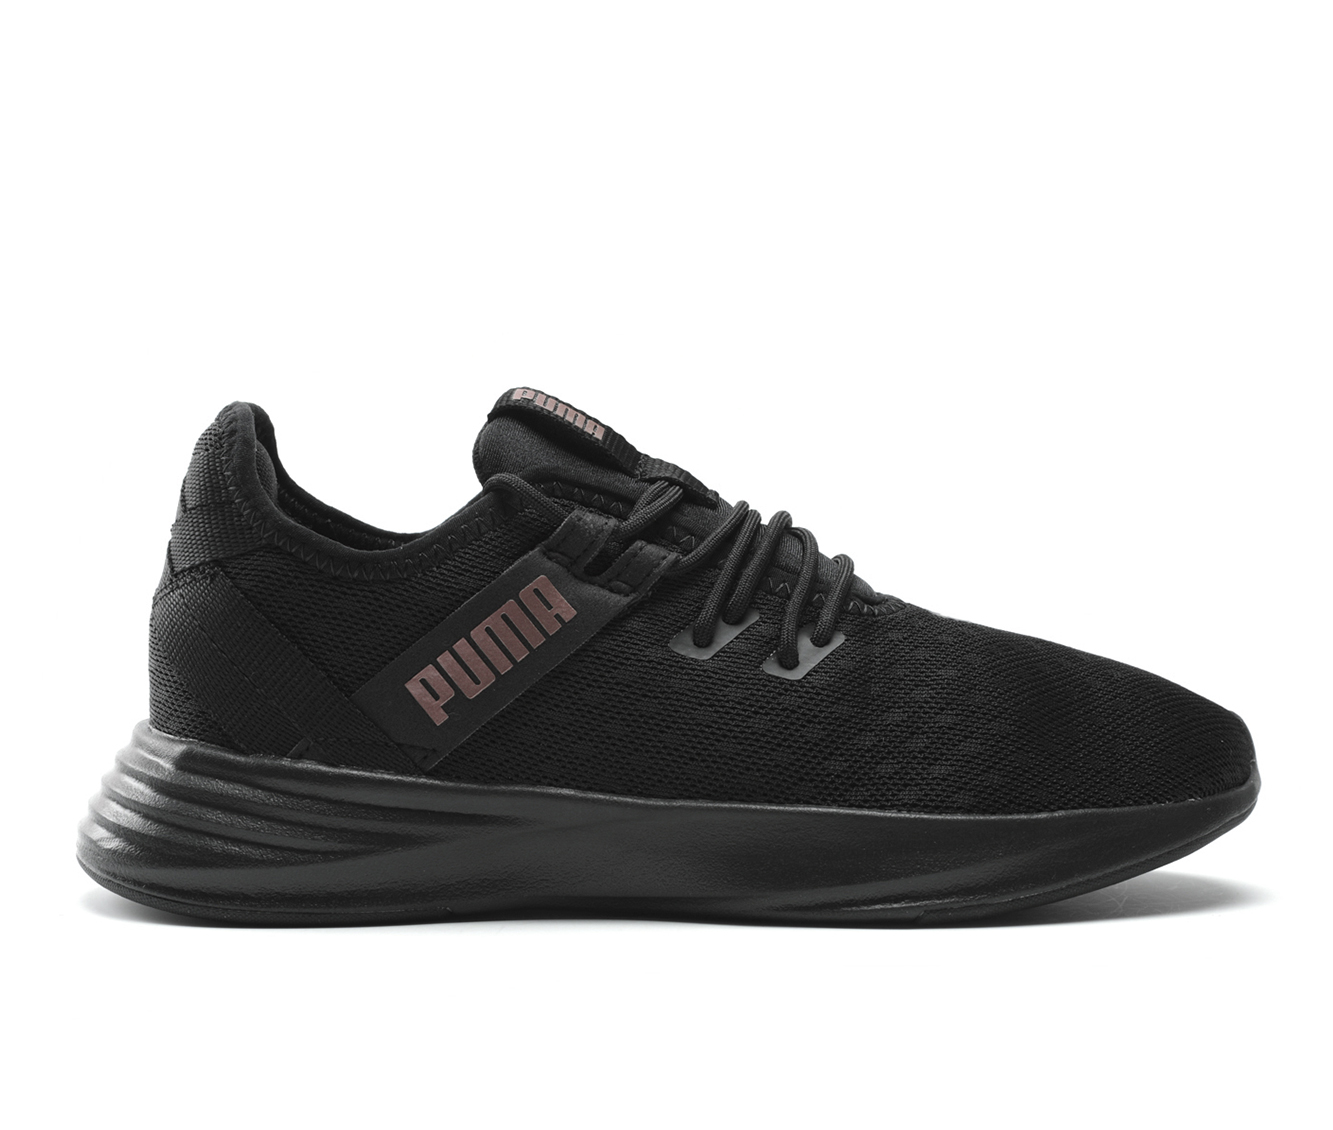 Women's Puma Radiate XT Pattern Sneakers